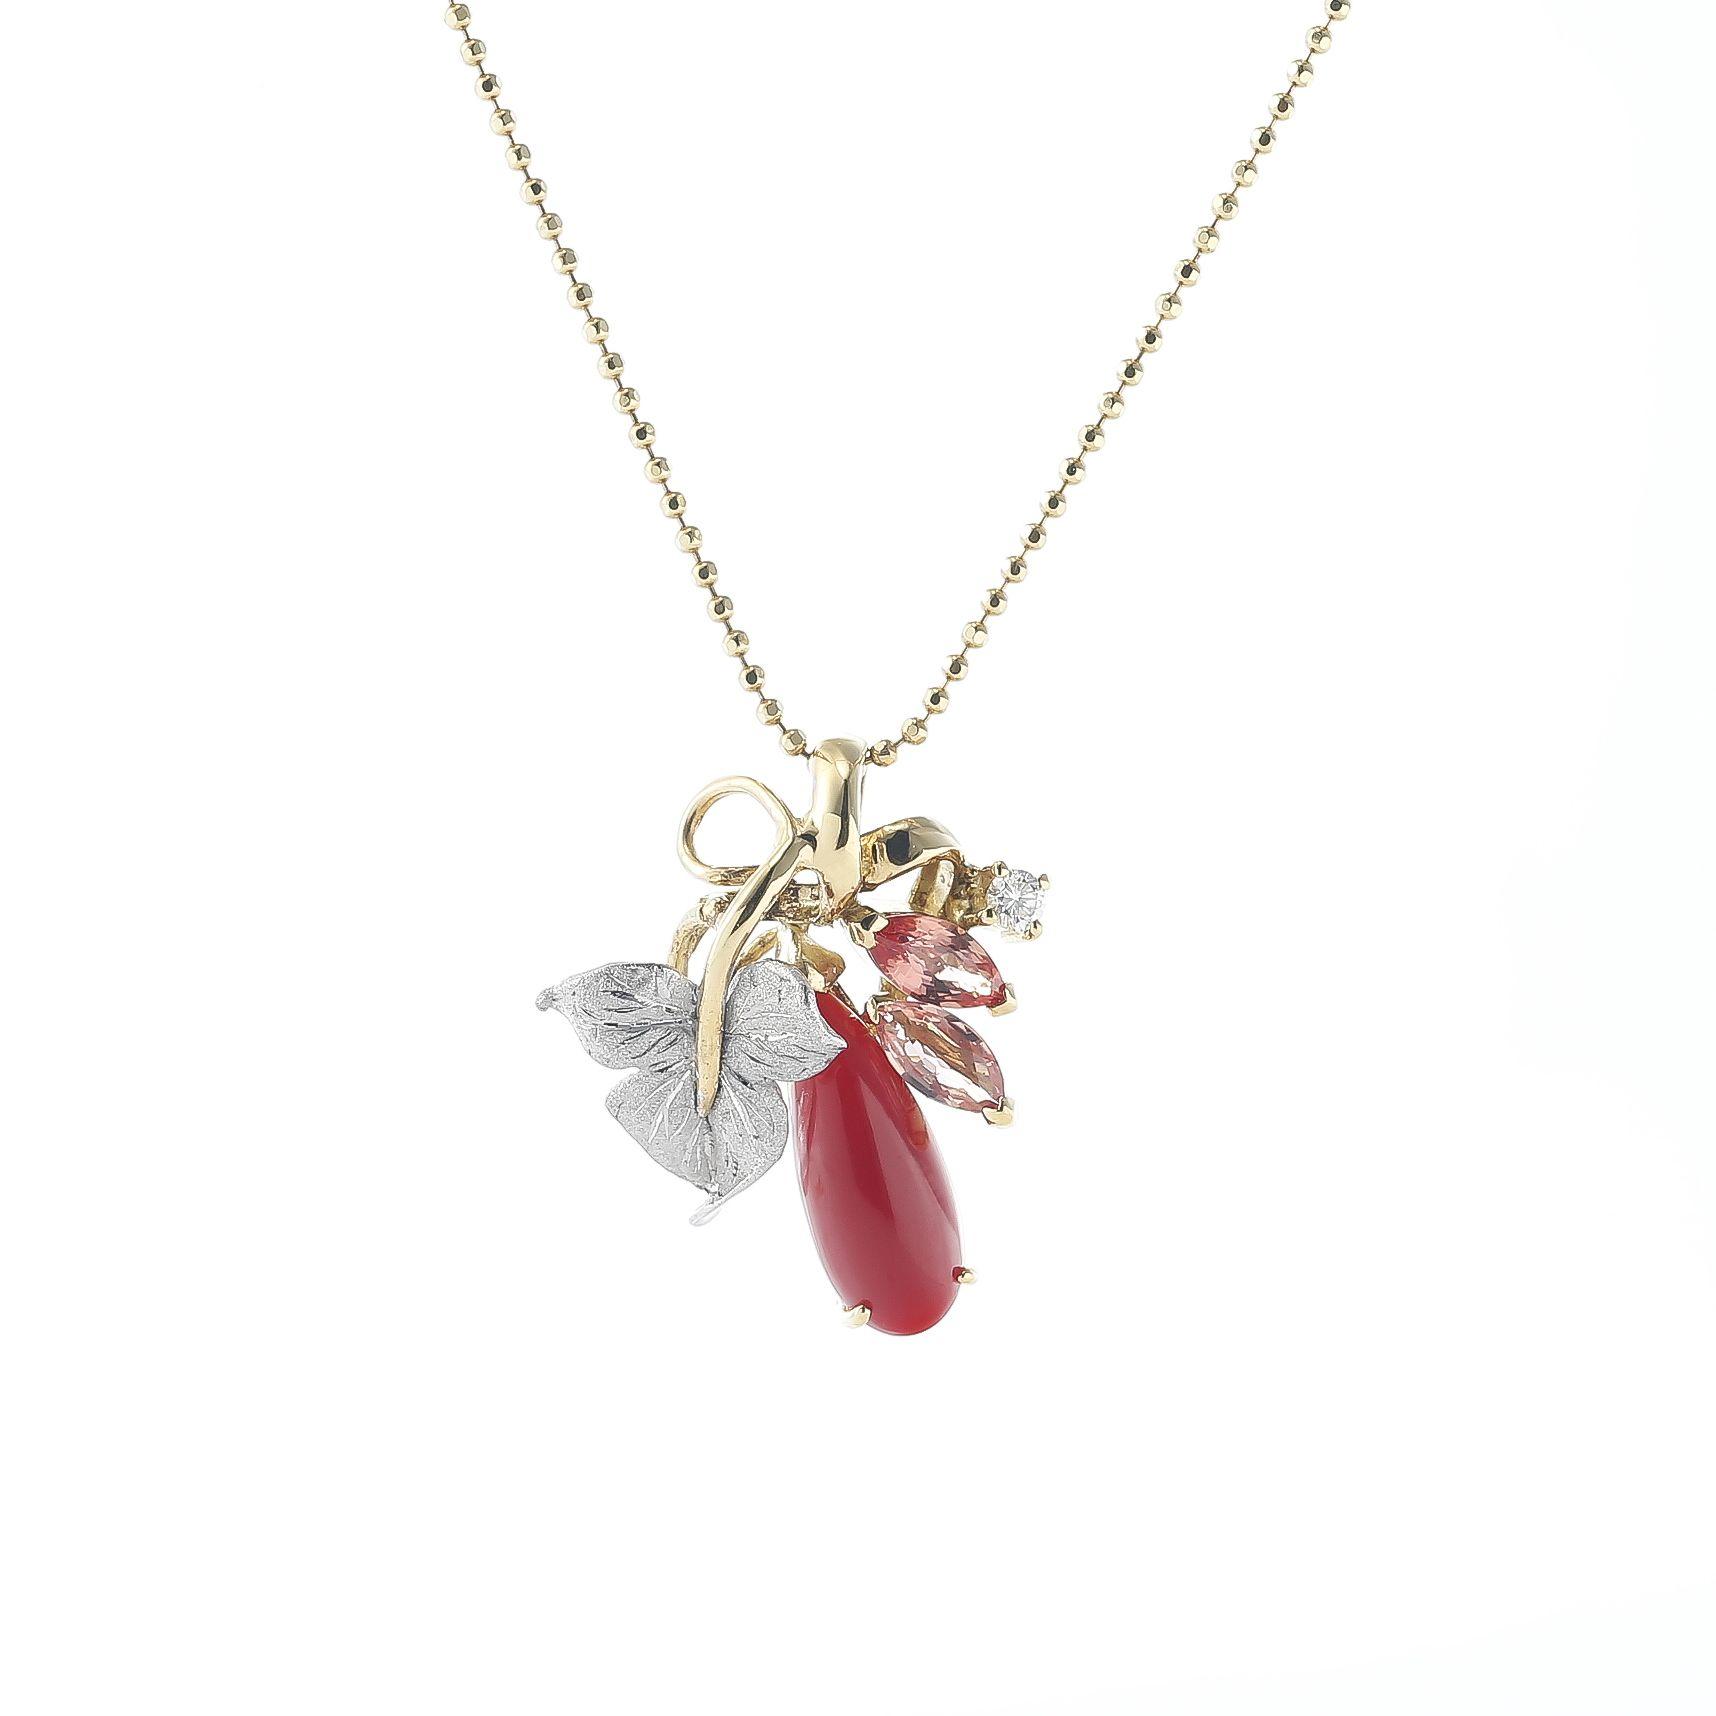 血赤珊瑚のネックレス 01